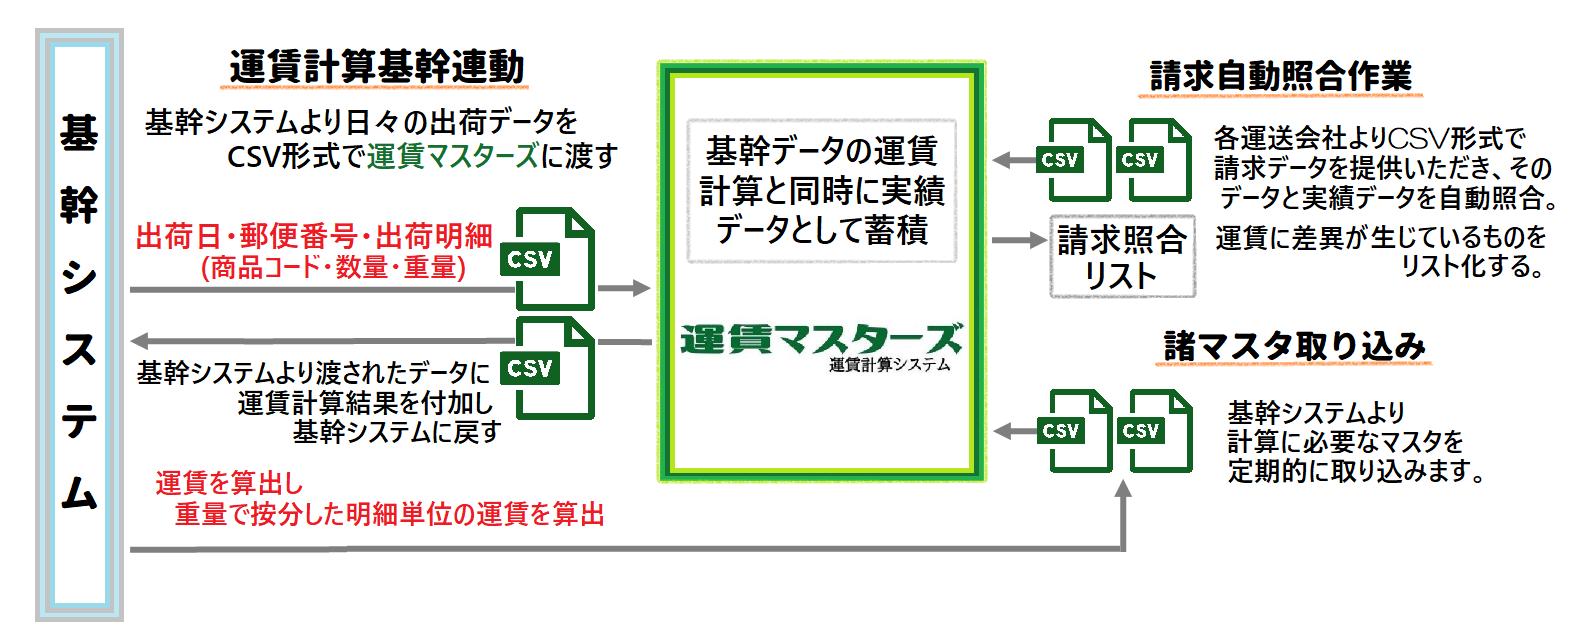 トラック運賃計算システム導入事例